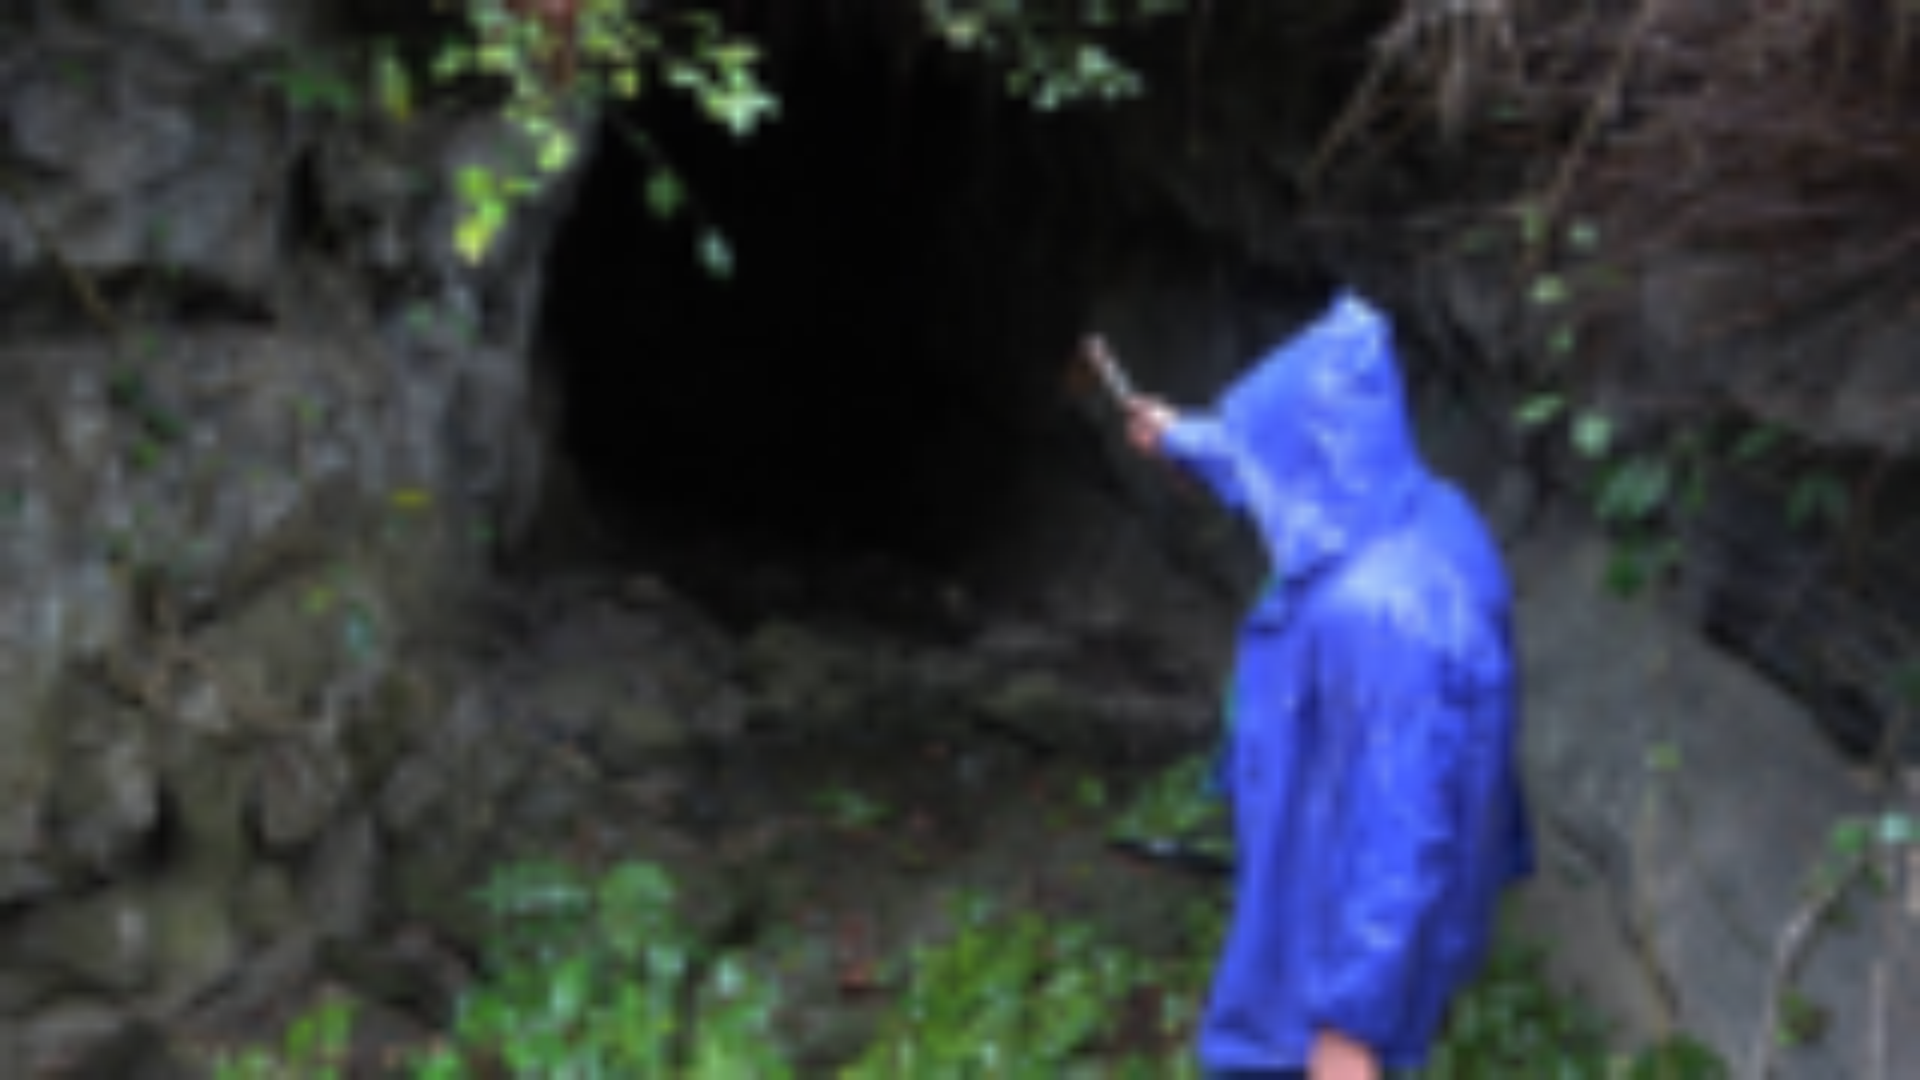 小明冒雨进山寻宝,在村民所说的地主洞内发现不对劲,撒腿就跑